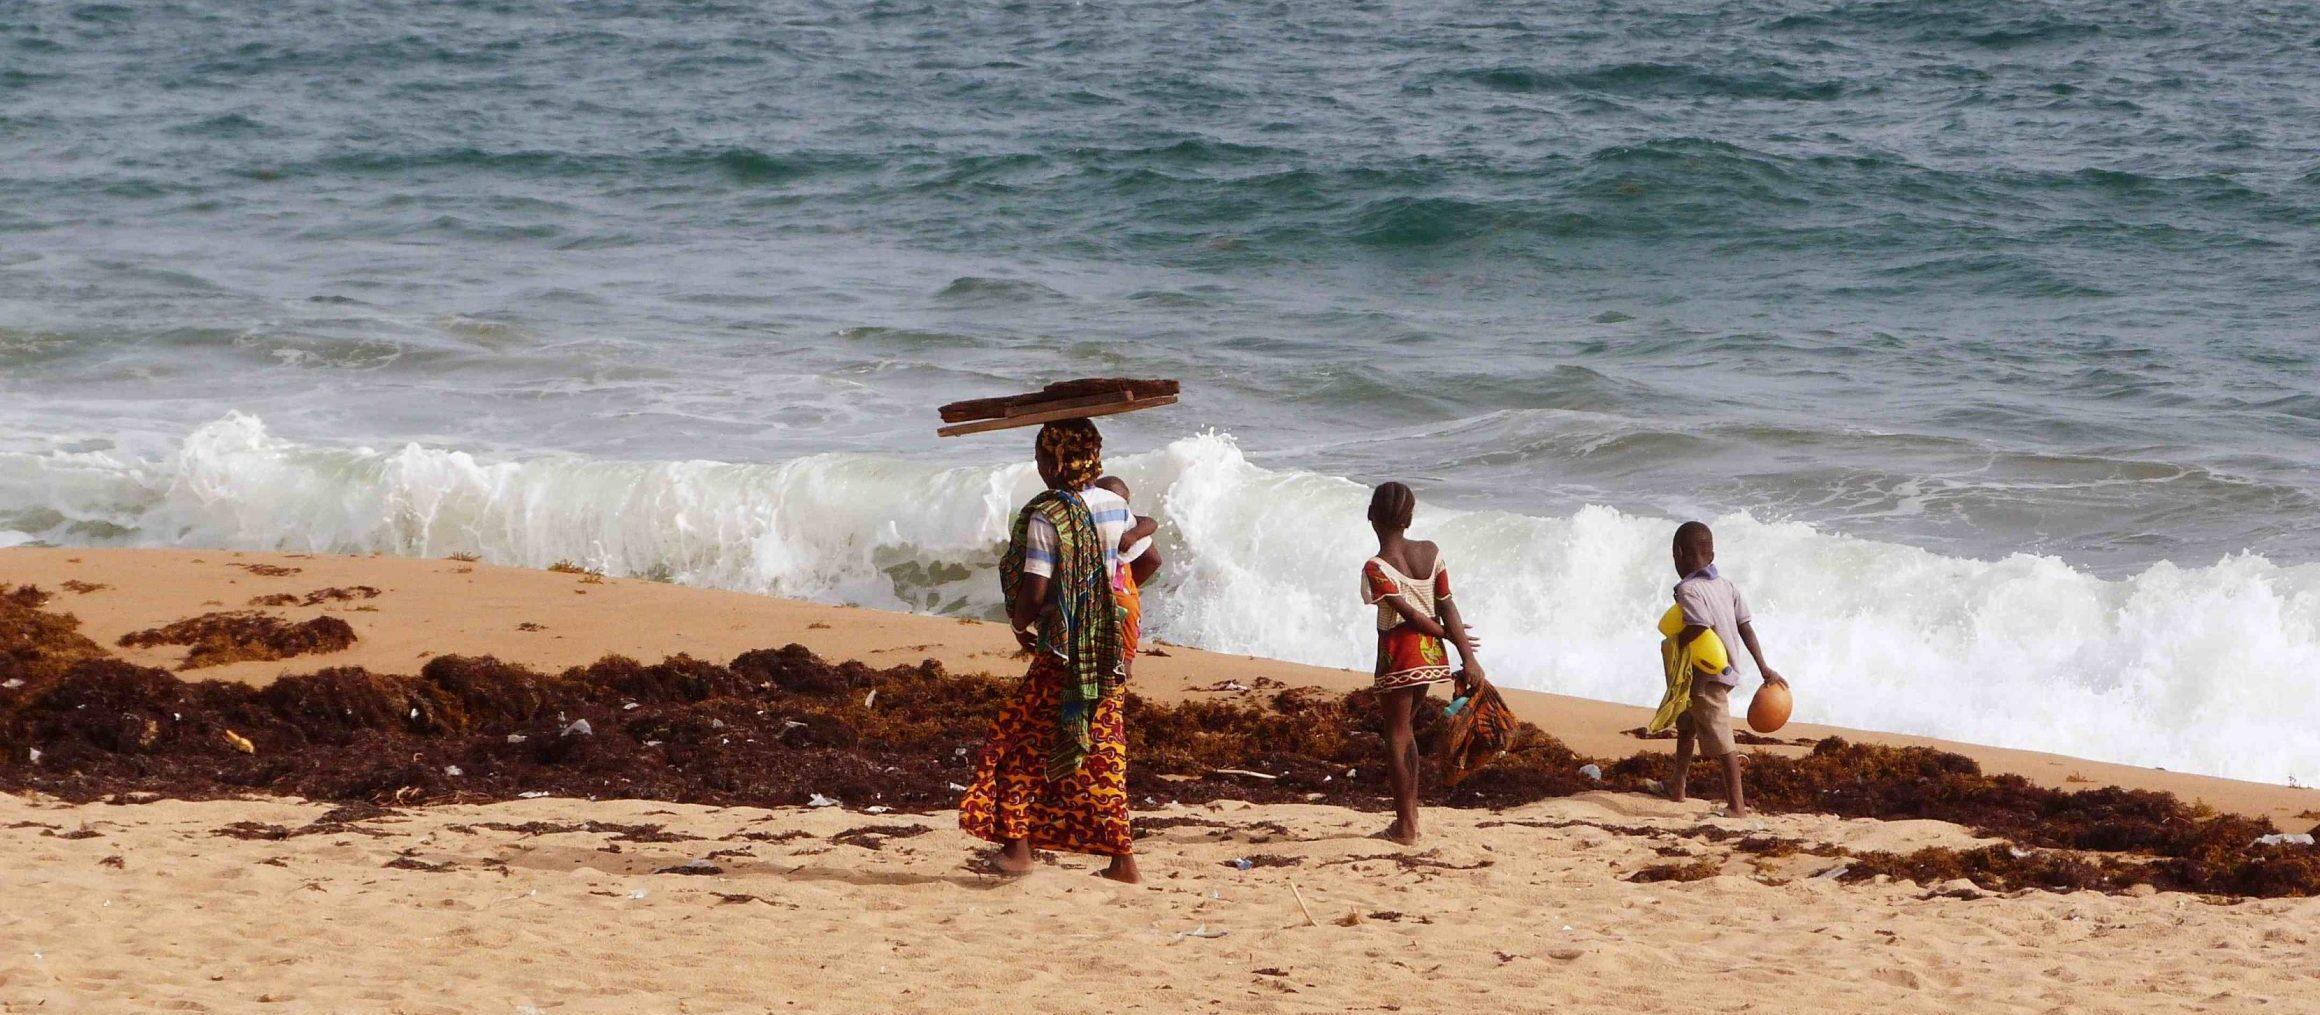 Cote d'Ivoire - Afrique - Plage Famille